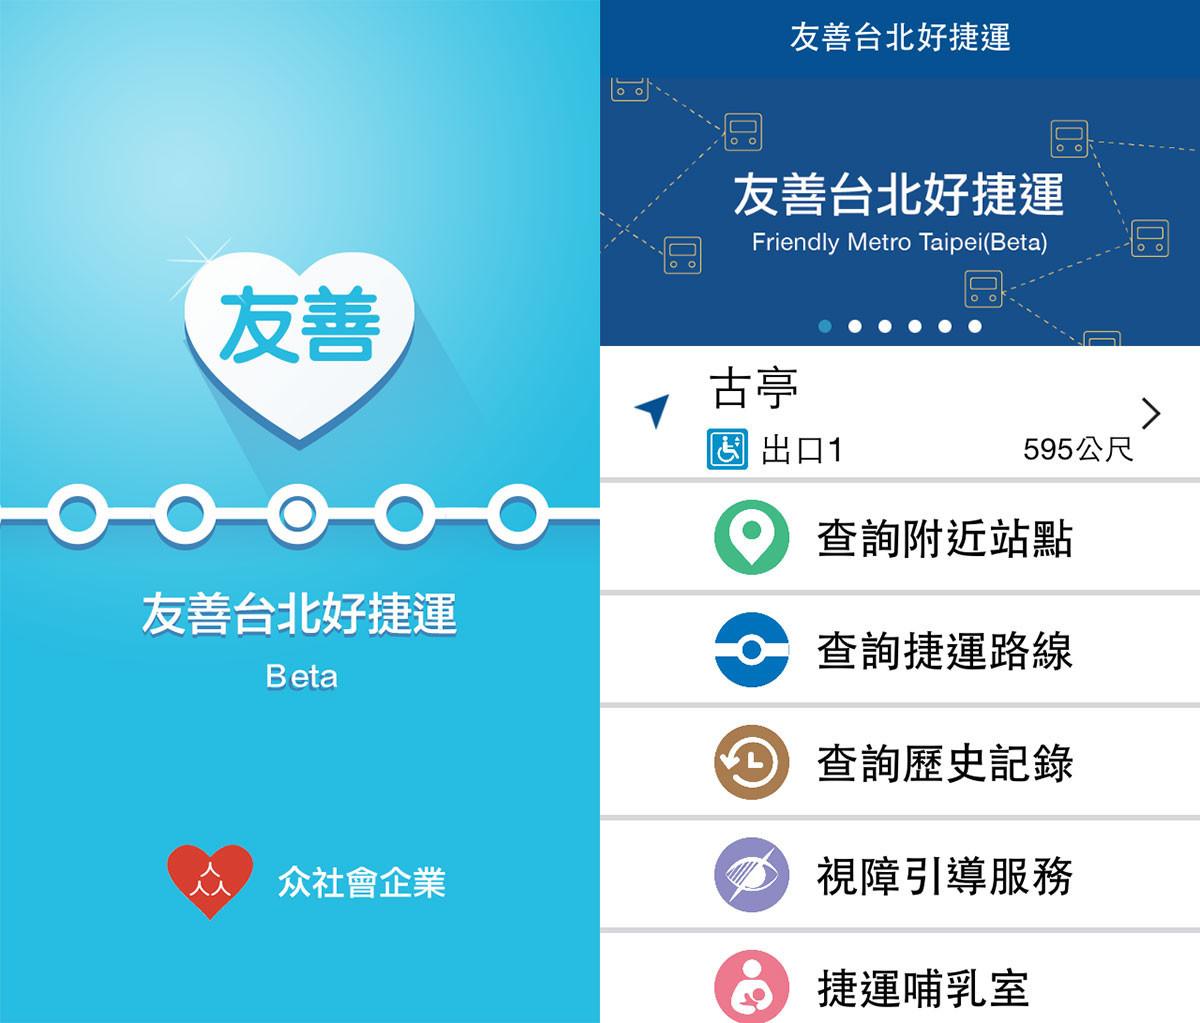 是捷運廁所兜位去?友善台北好捷運 APP 一指搞定捷運所有資訊這篇文章的首圖